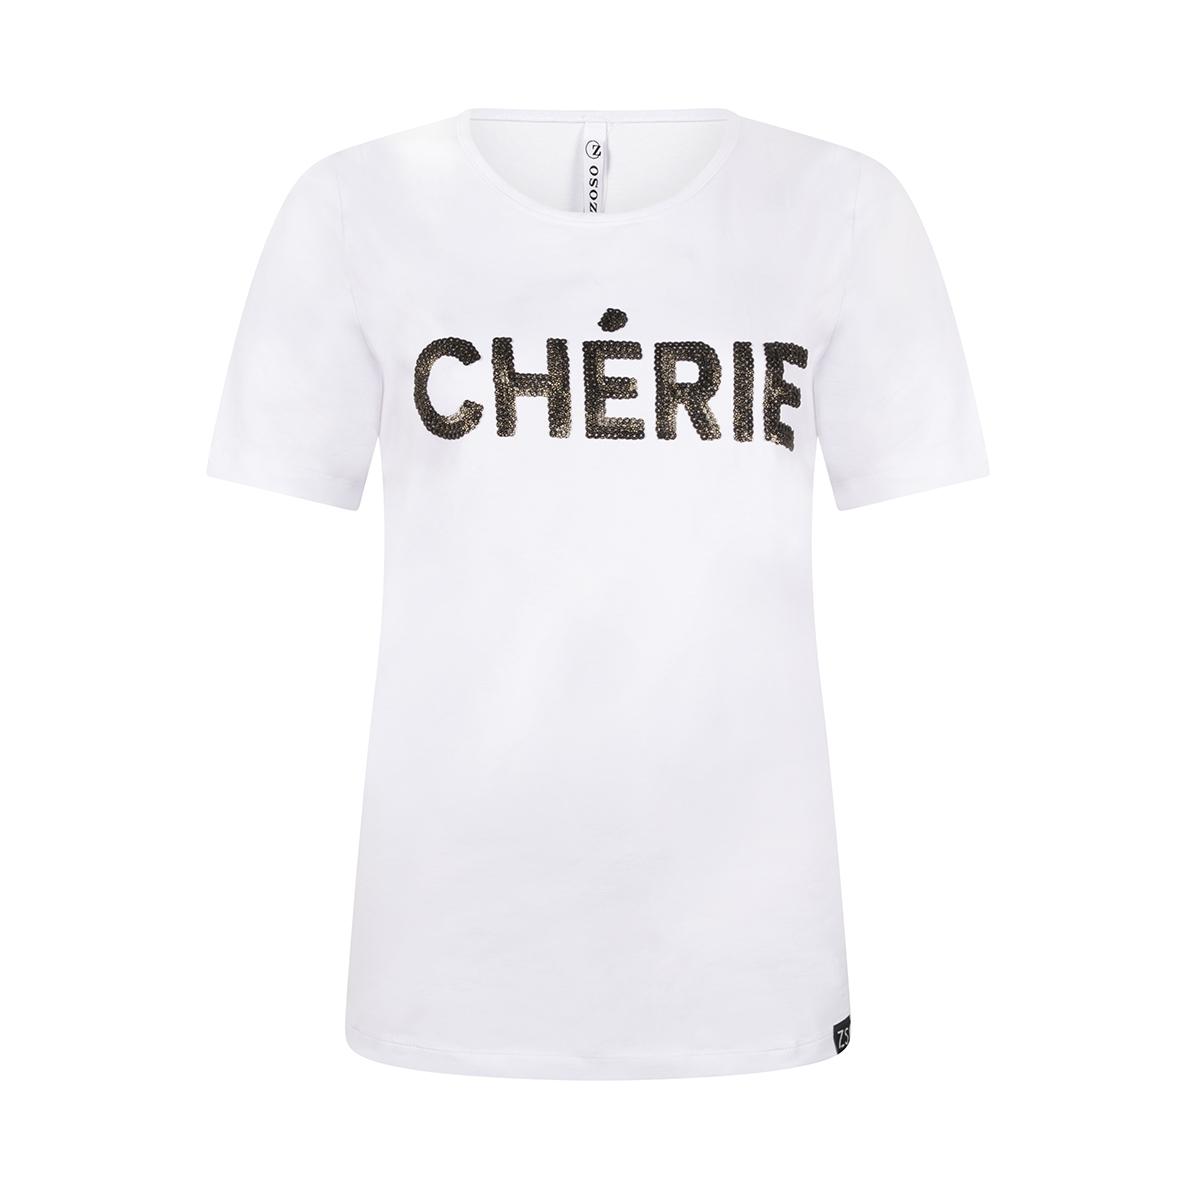 cherie t shirt 202 zoso t-shirt white